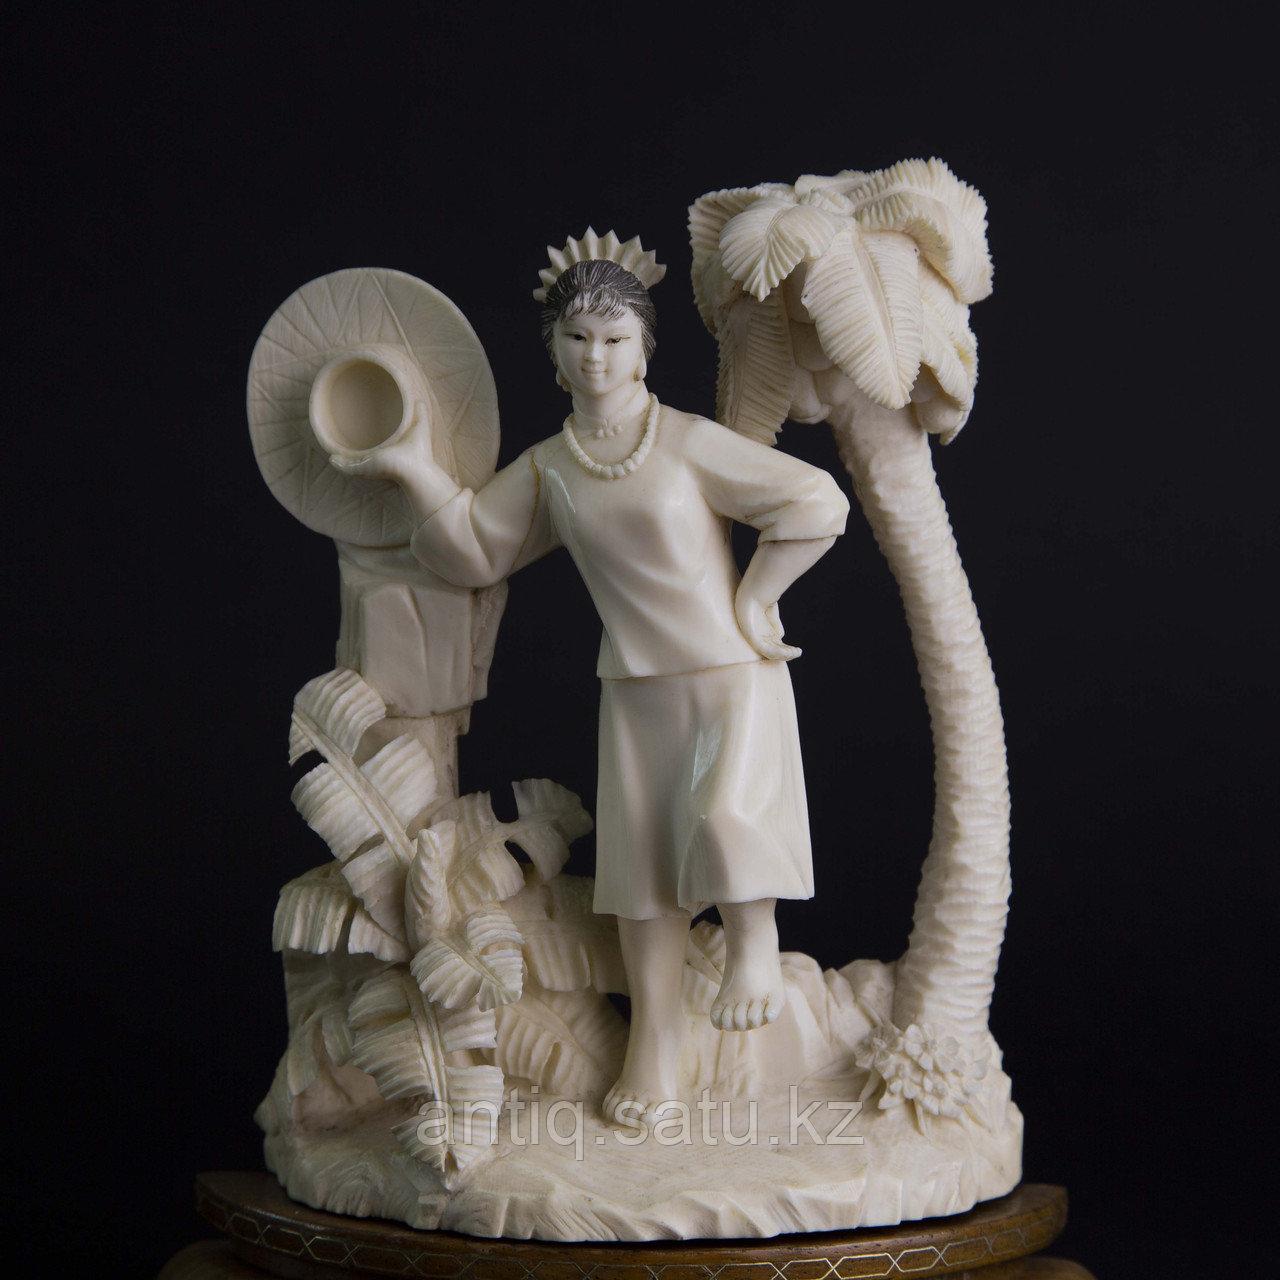 Окимоно из слоновой кости «Летнее фото» Япония, первая половина ХХ века. - фото 8